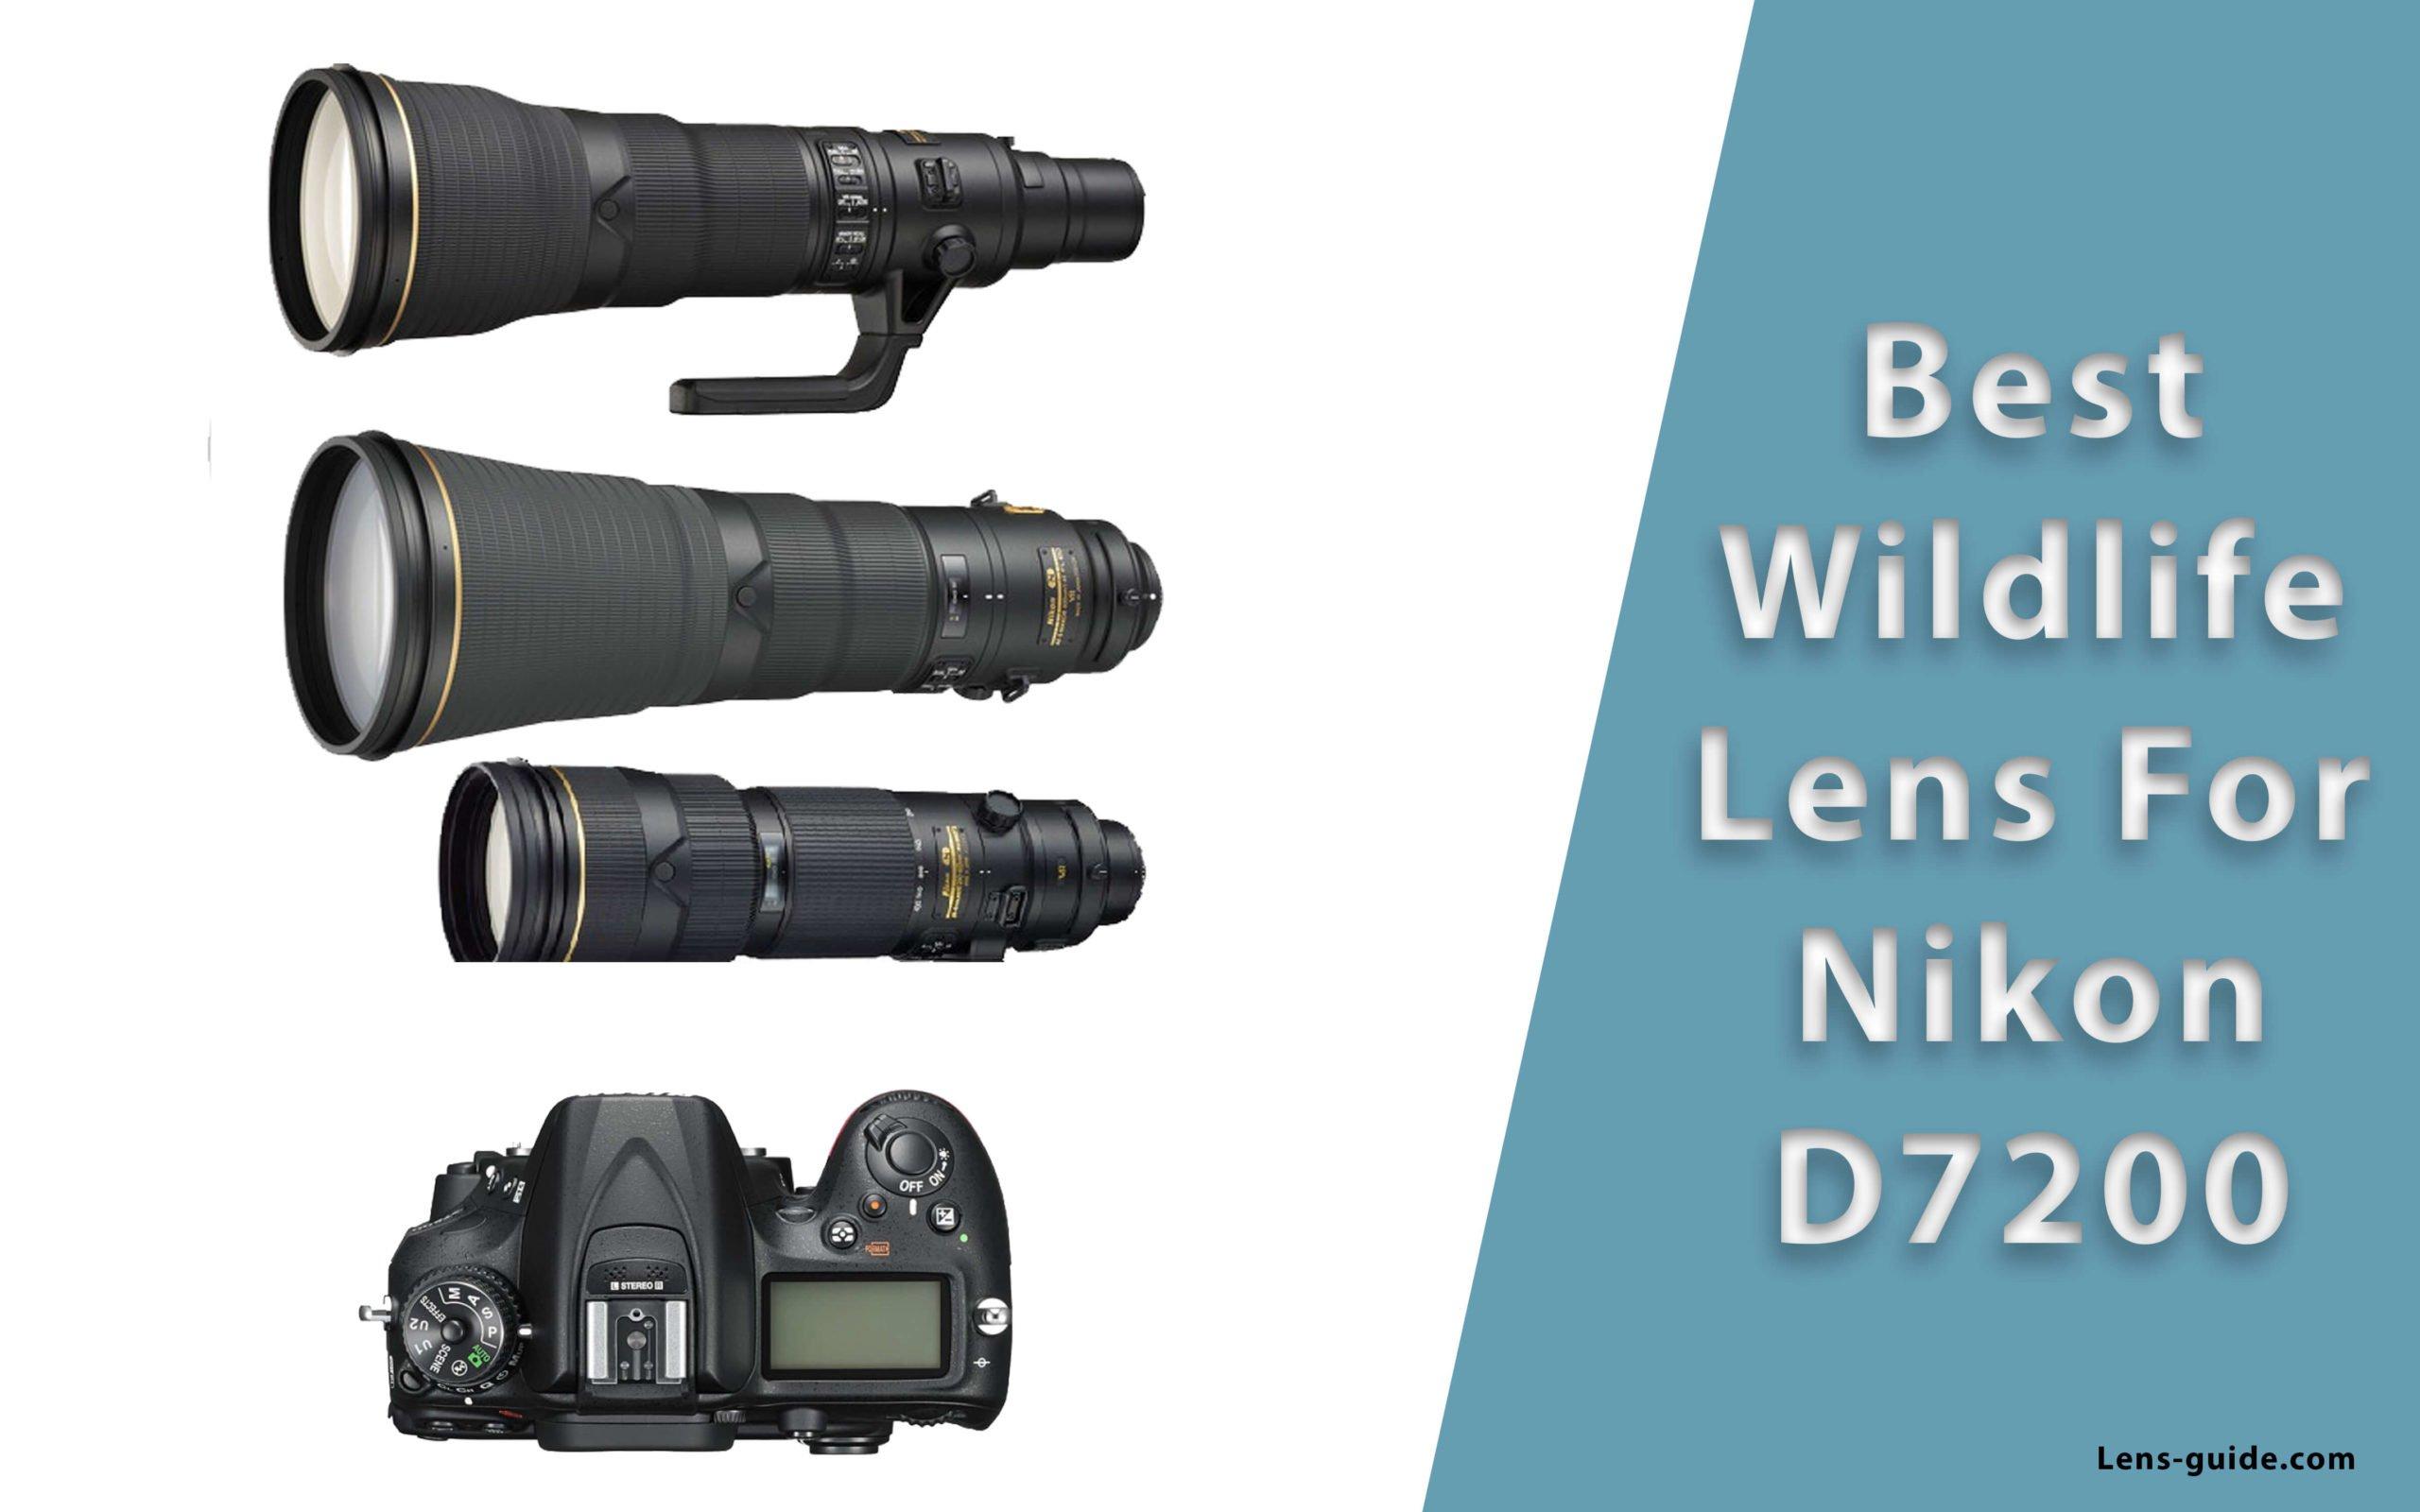 Best-Wildlife-Lens-For-Nikon-D7200-